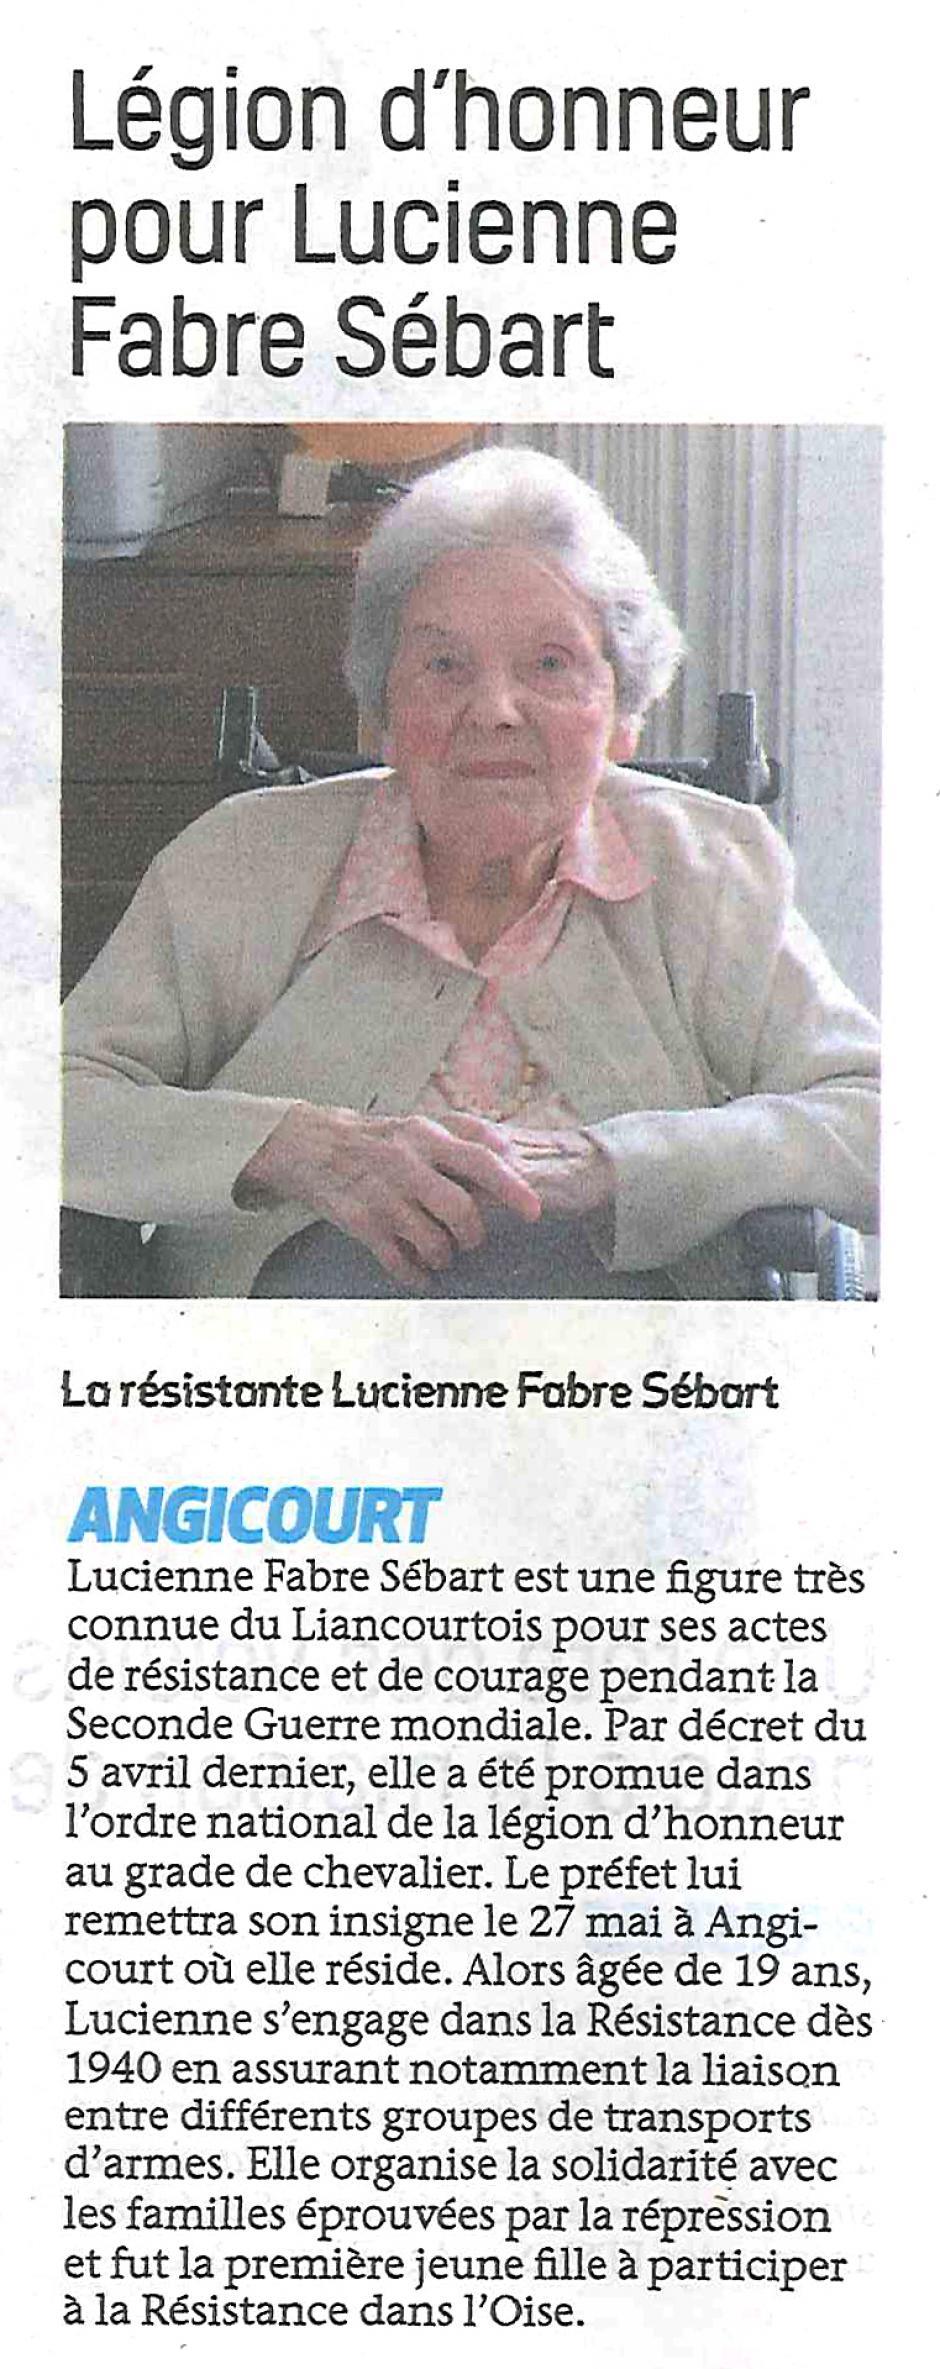 20170524-BonP-Angicourt-Légion d'honneur pour Lucienne Fabre Sébart